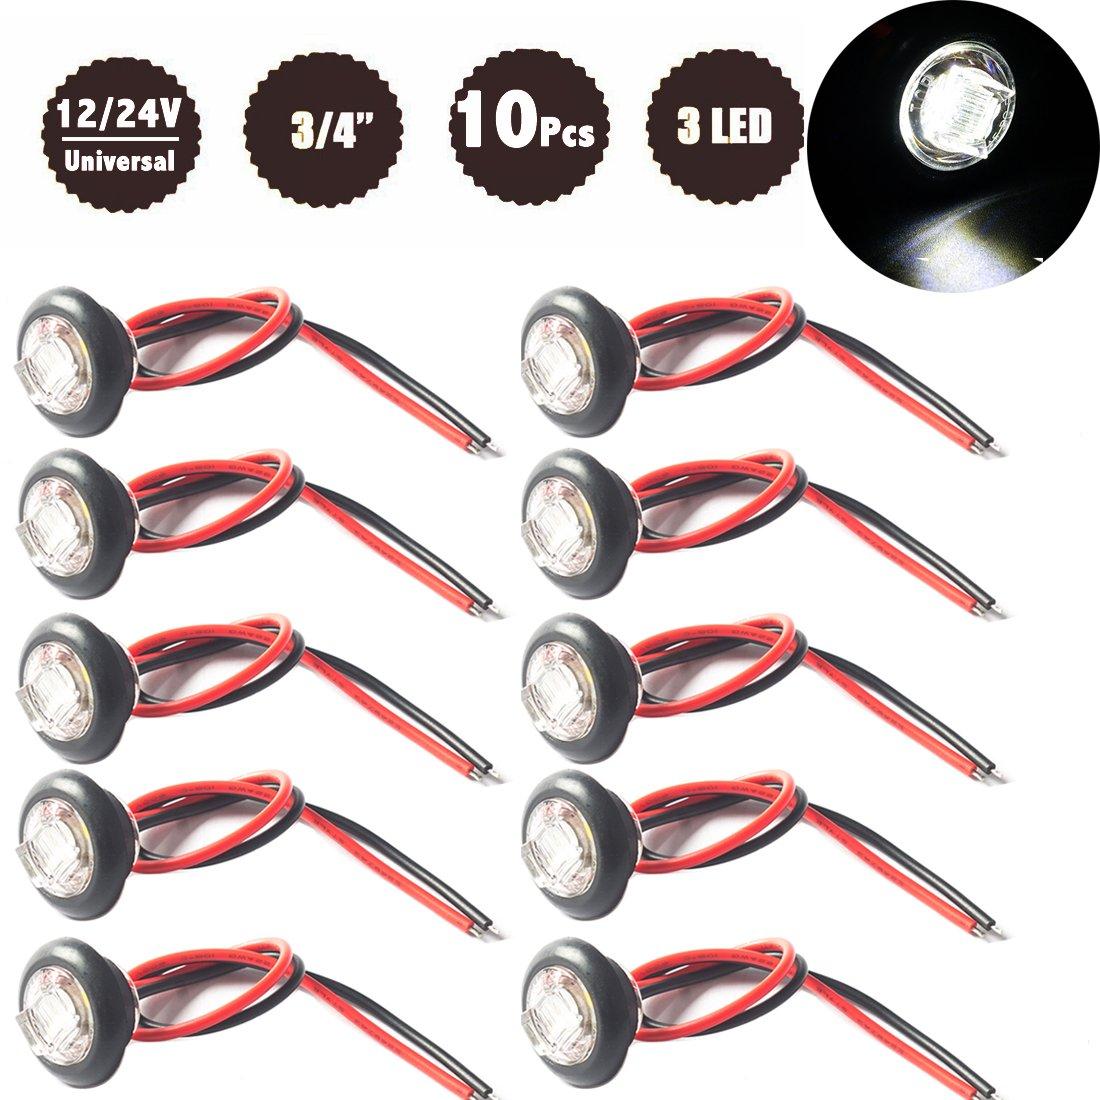 WildAuto LED Feux De Gabarit Avant Arrière côté marqueur indicateurs Feux De Côté 3/4 Pouce Feux De Dégagement, 10V-30V Universel Pour Remorques, Moto, Camions (Rouge 10 pcs) NAT-0736R